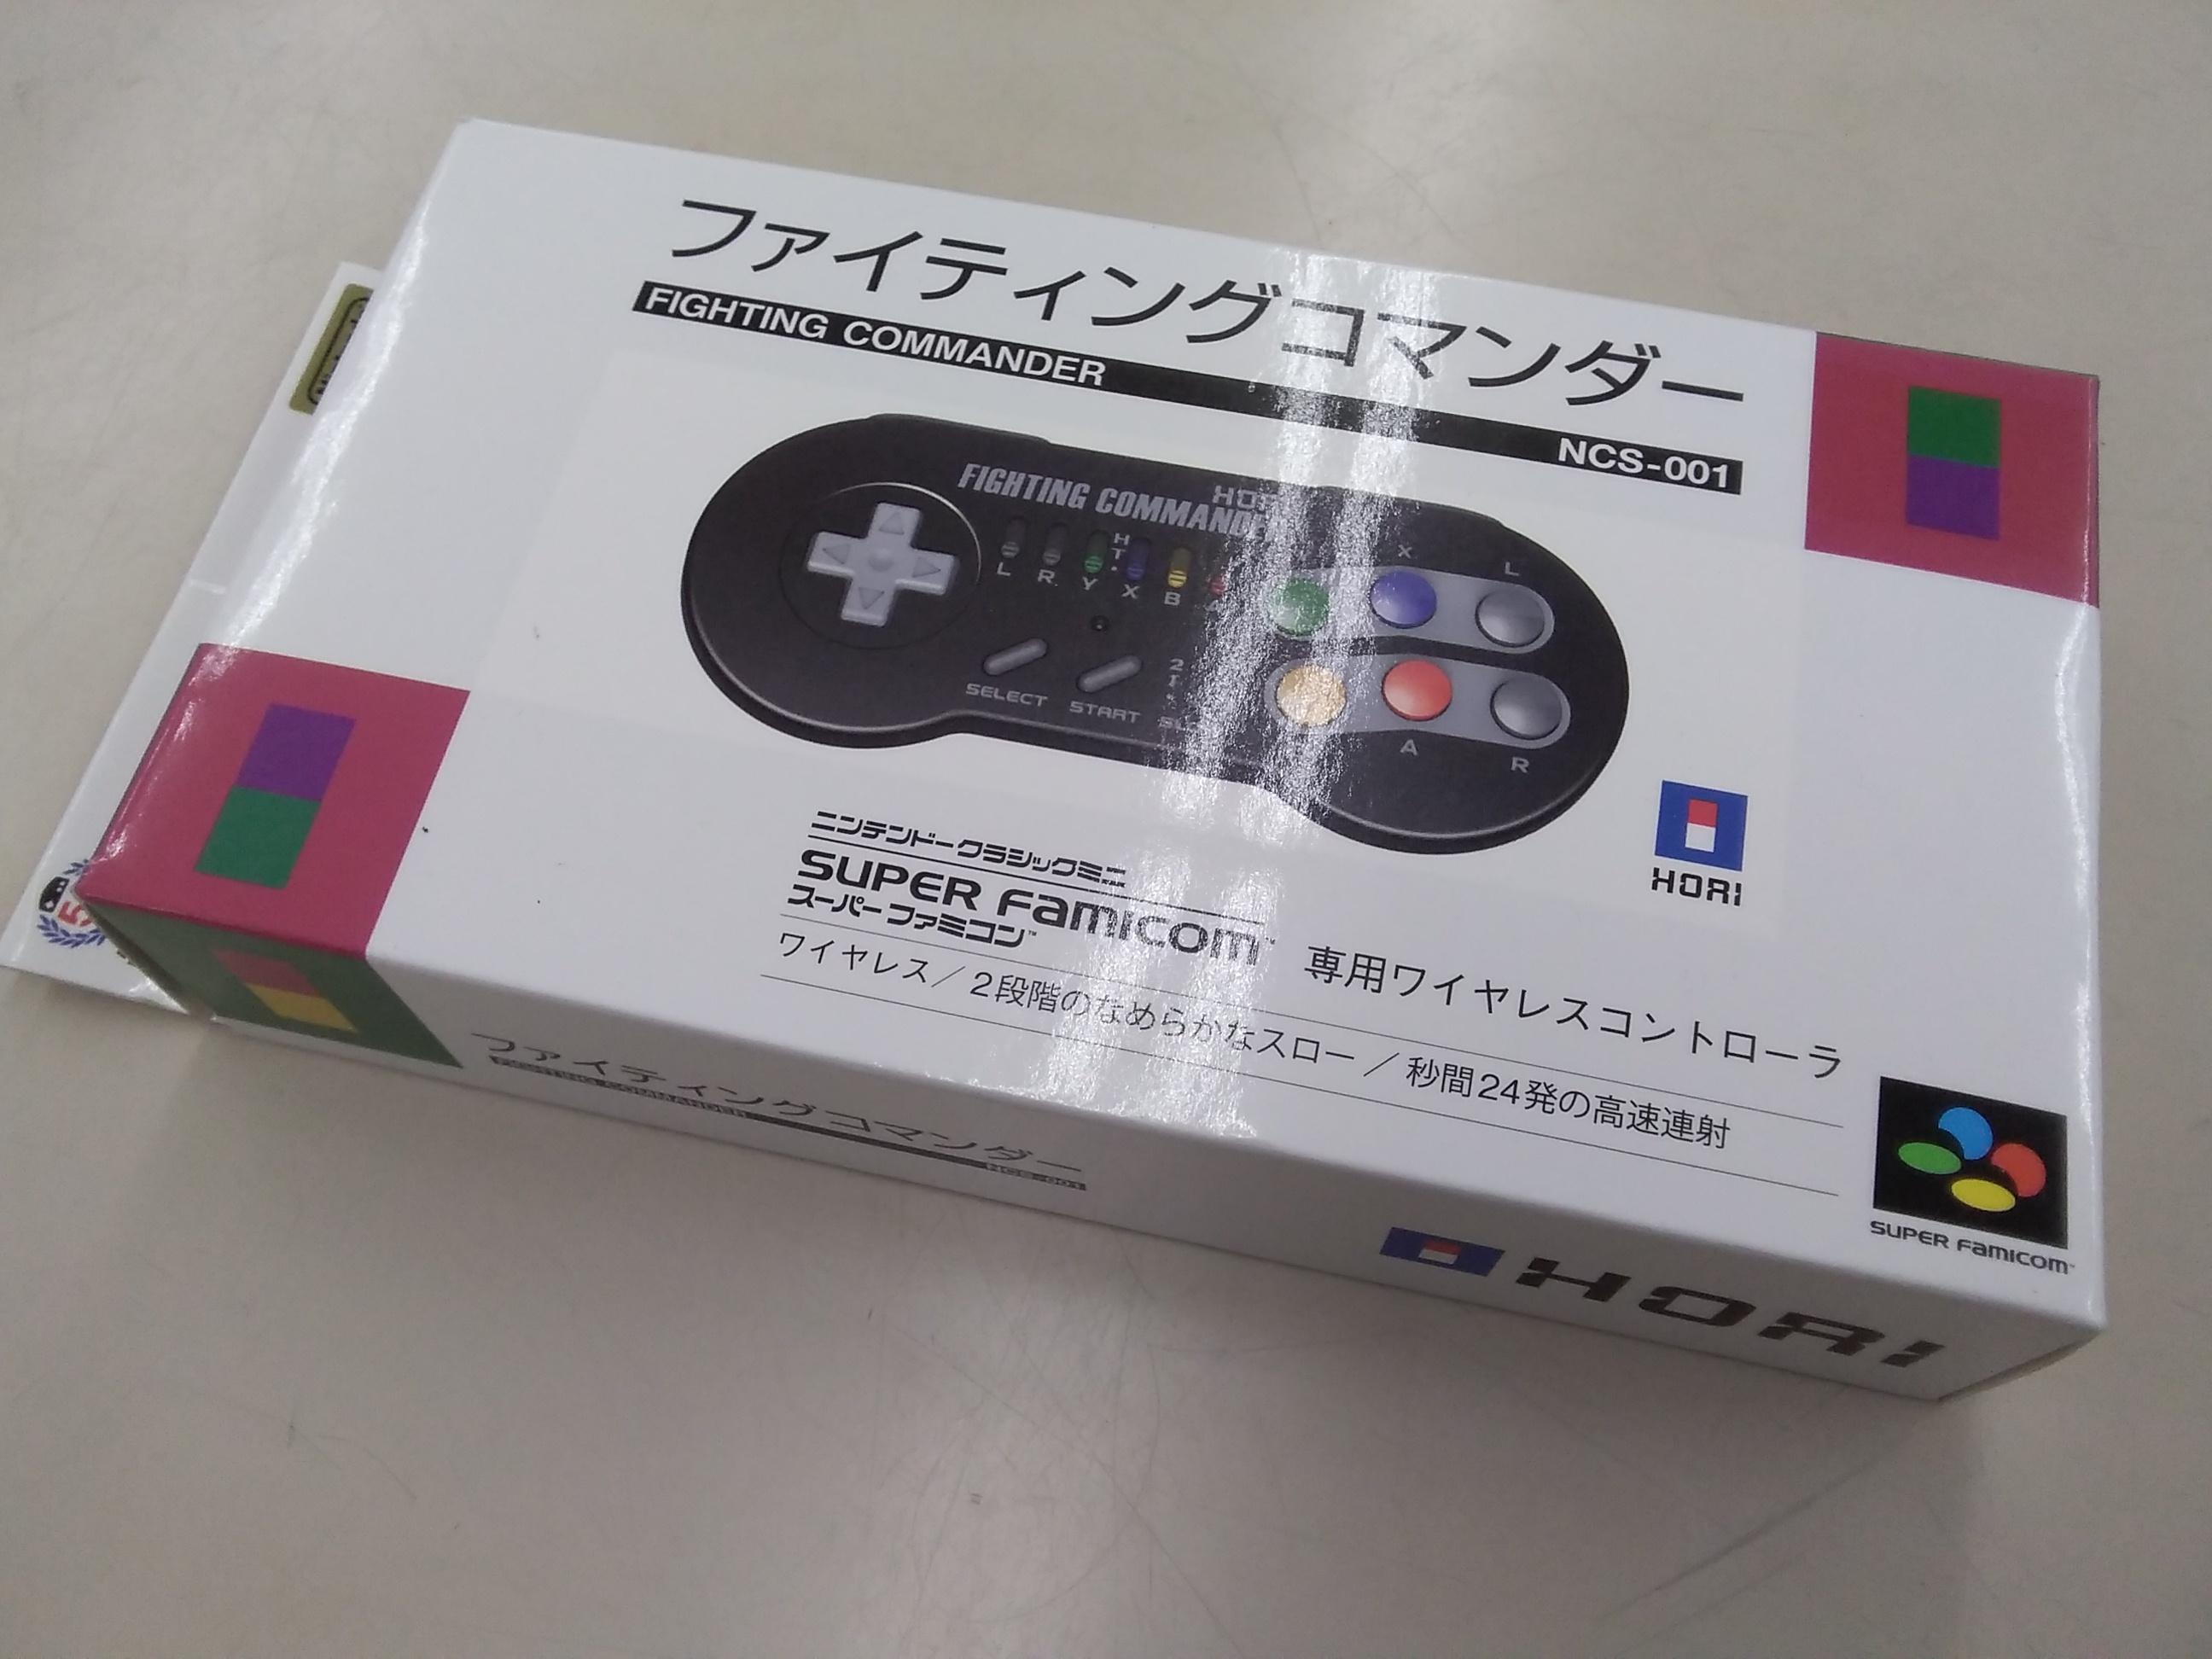 クラシックミニSFC用コントローラー/NCS-001|HORI